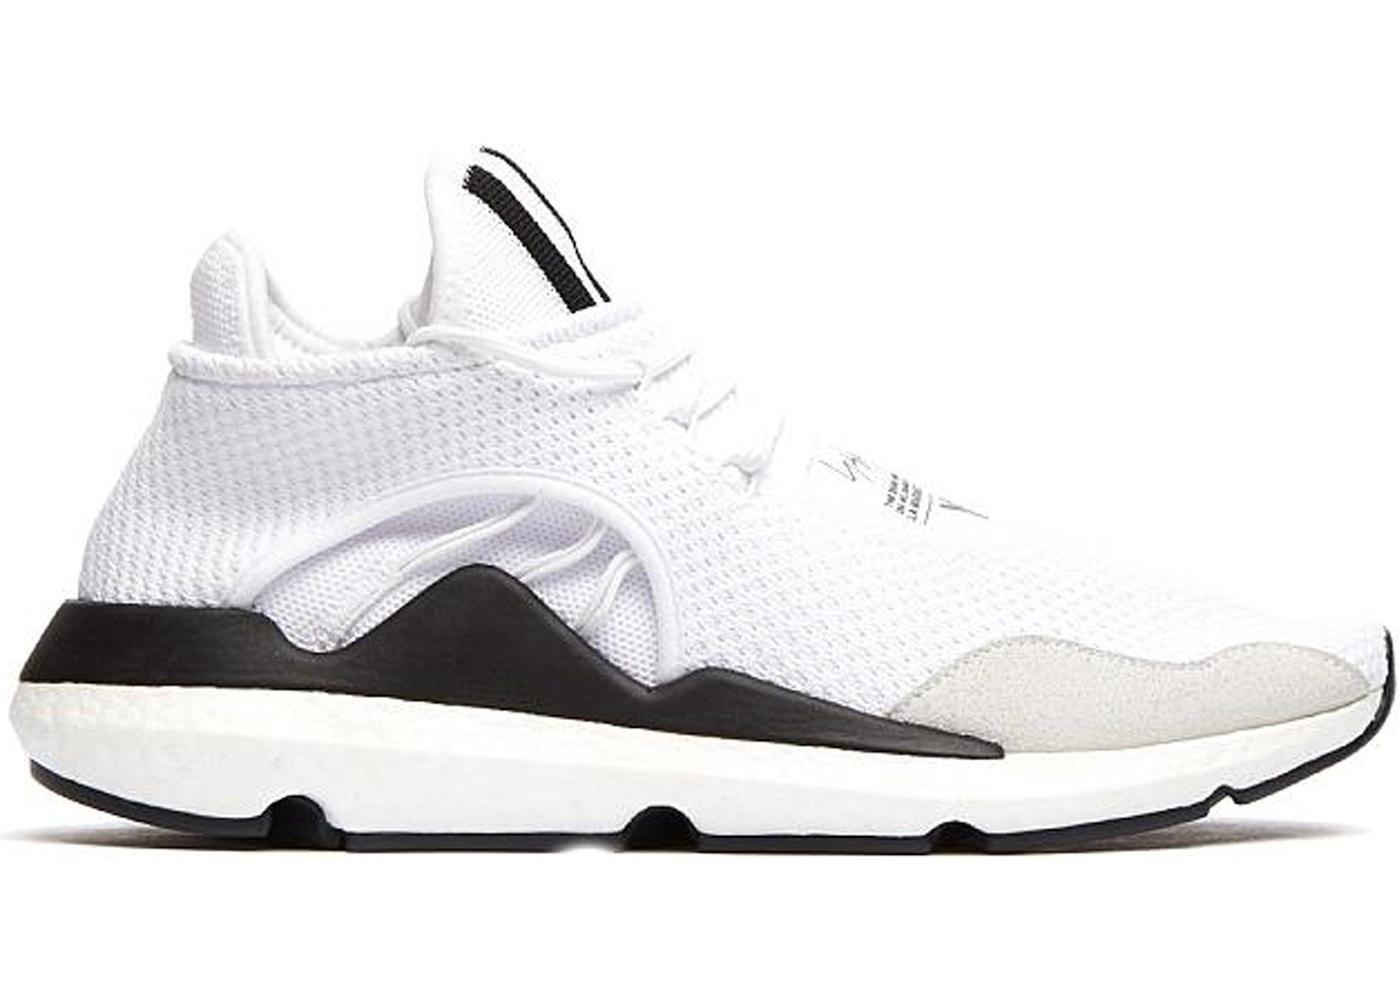 1ede773d2 adidas Y-3 Saikou White Black - AC7195